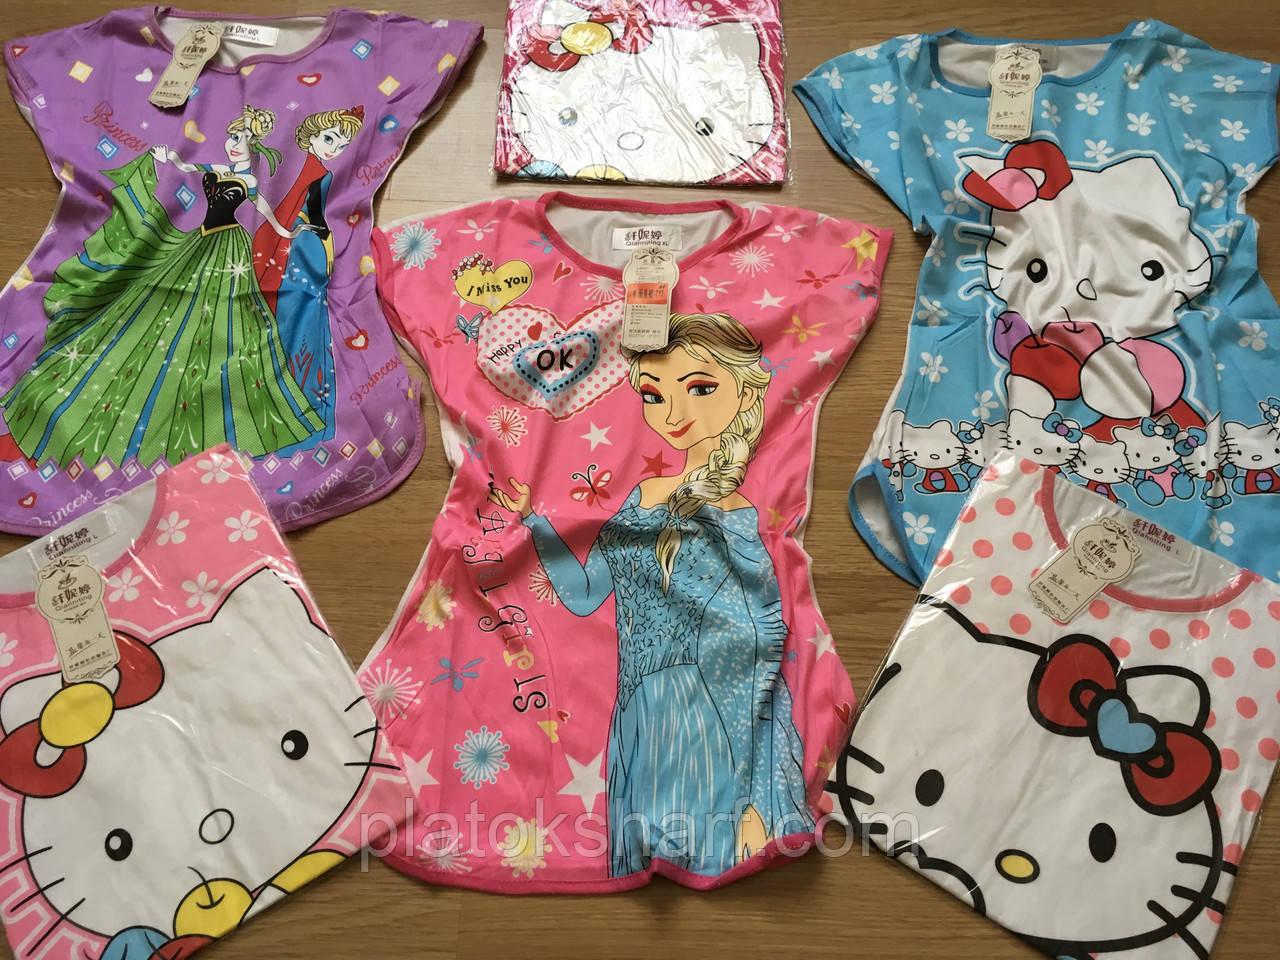 Ночная пижама для девочек, сорочка ночная ночнушка до 9 лет